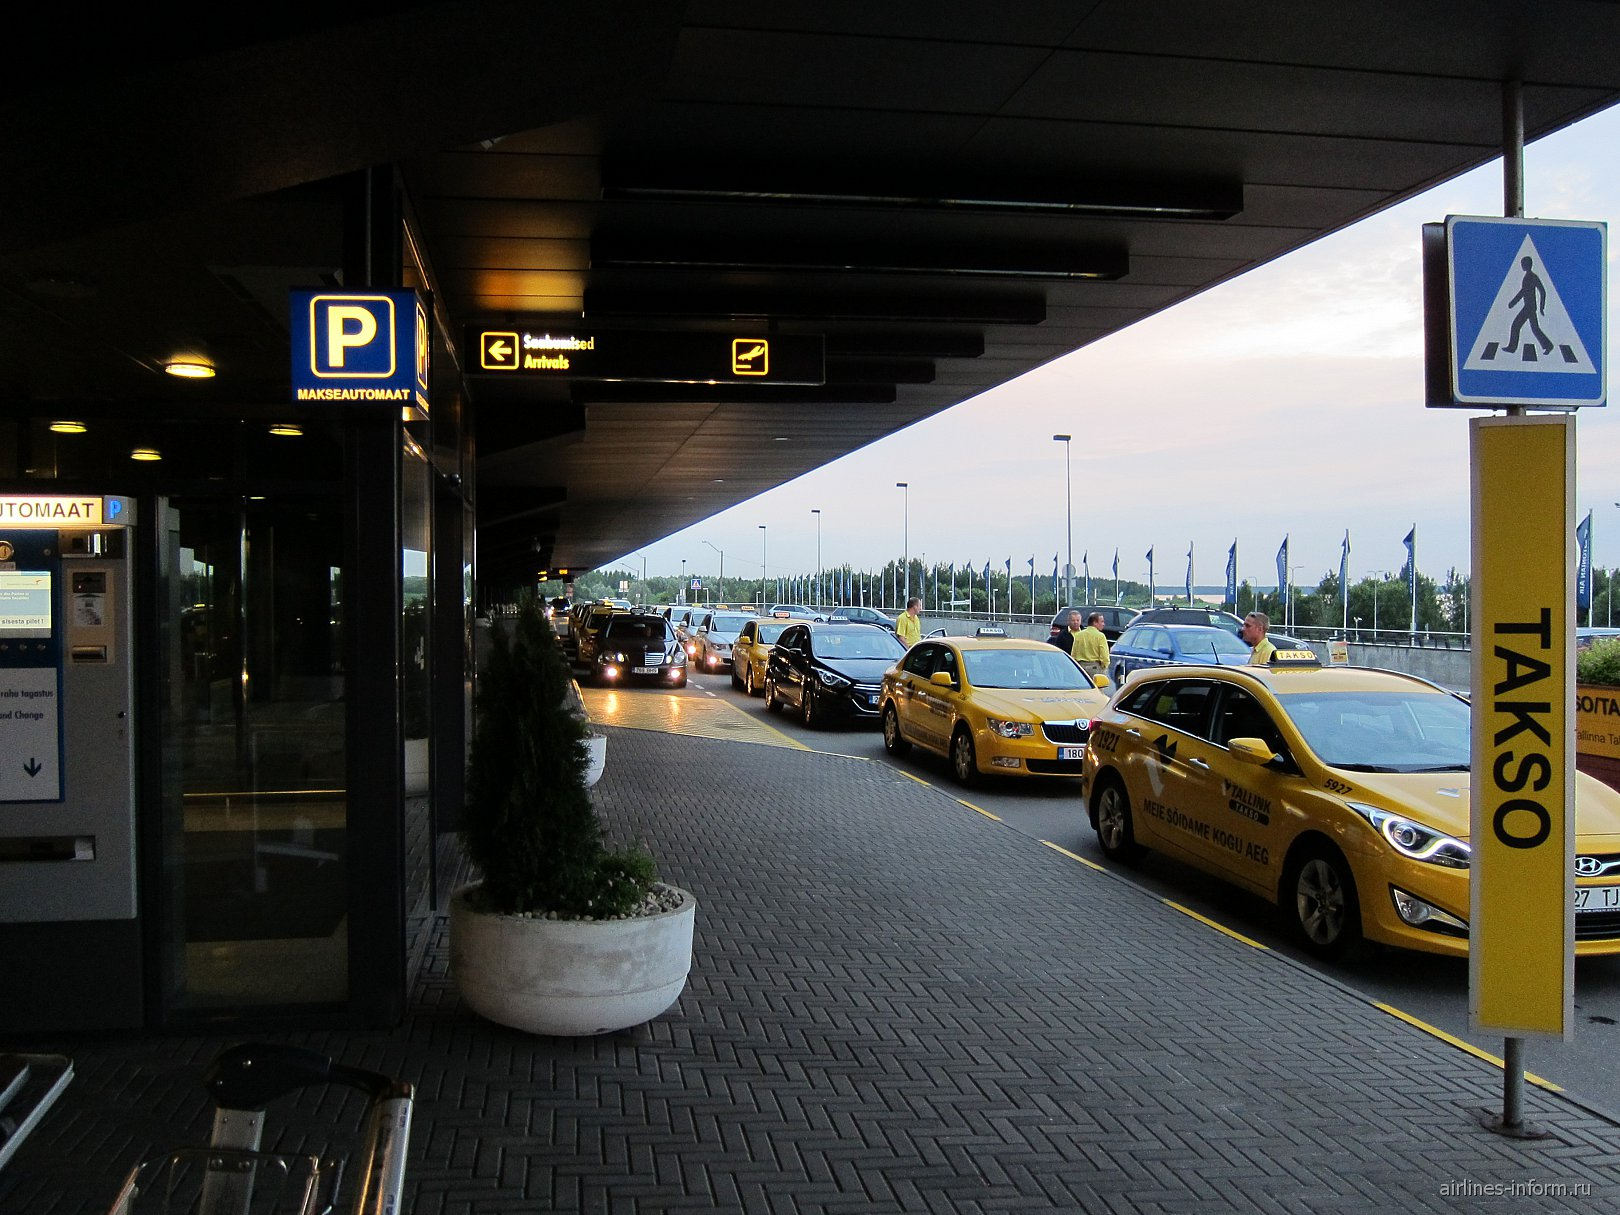 Стоянки такси в аэропорт Таллинна